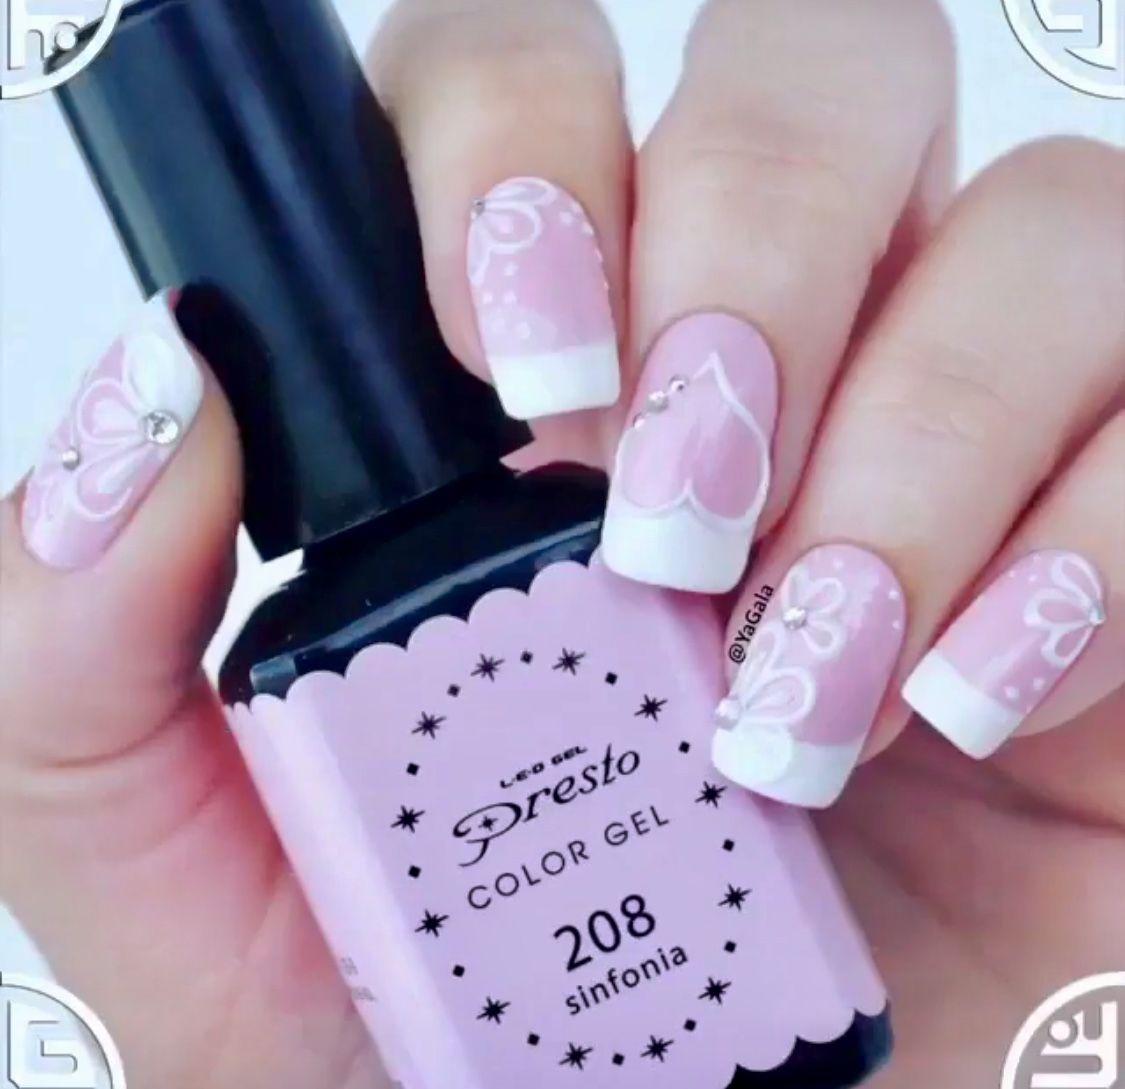 Diympleil All About Nailsnail Polishnail Art Pinterest